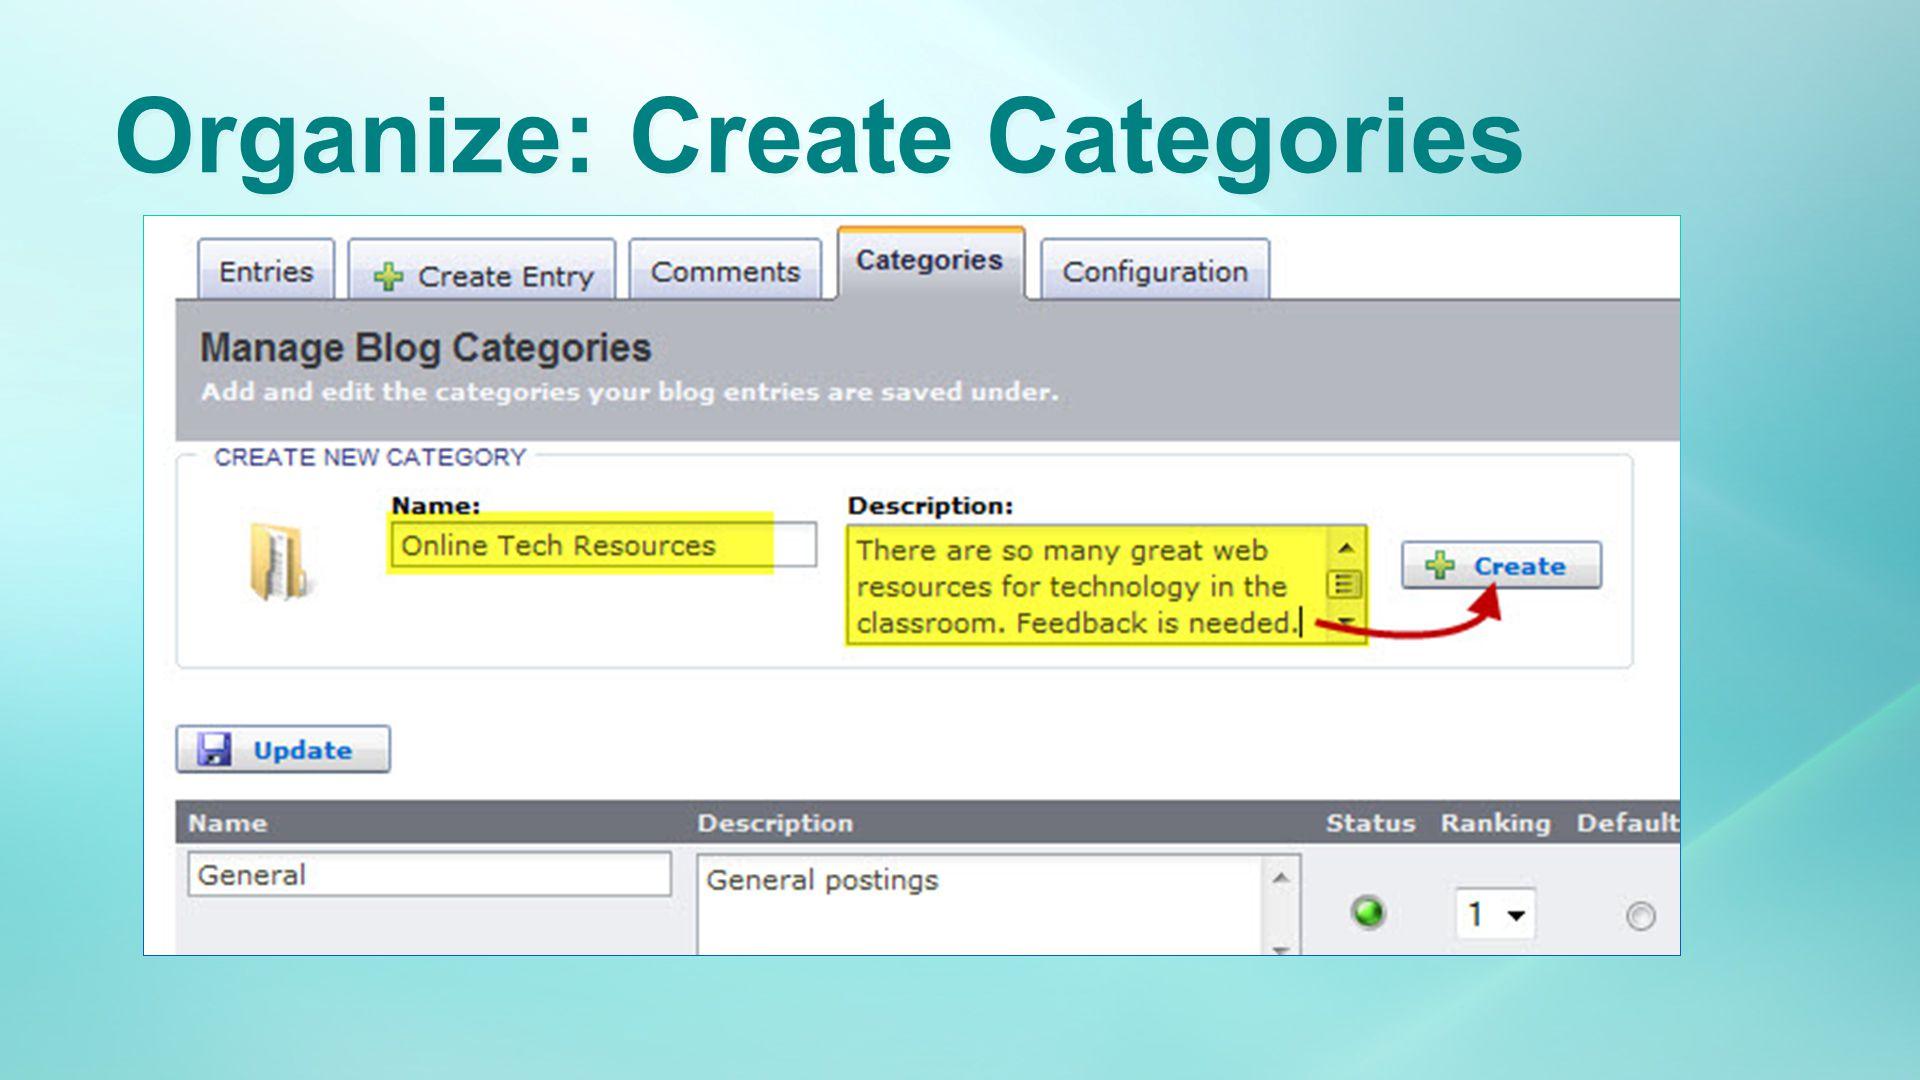 Organize: Create Categories